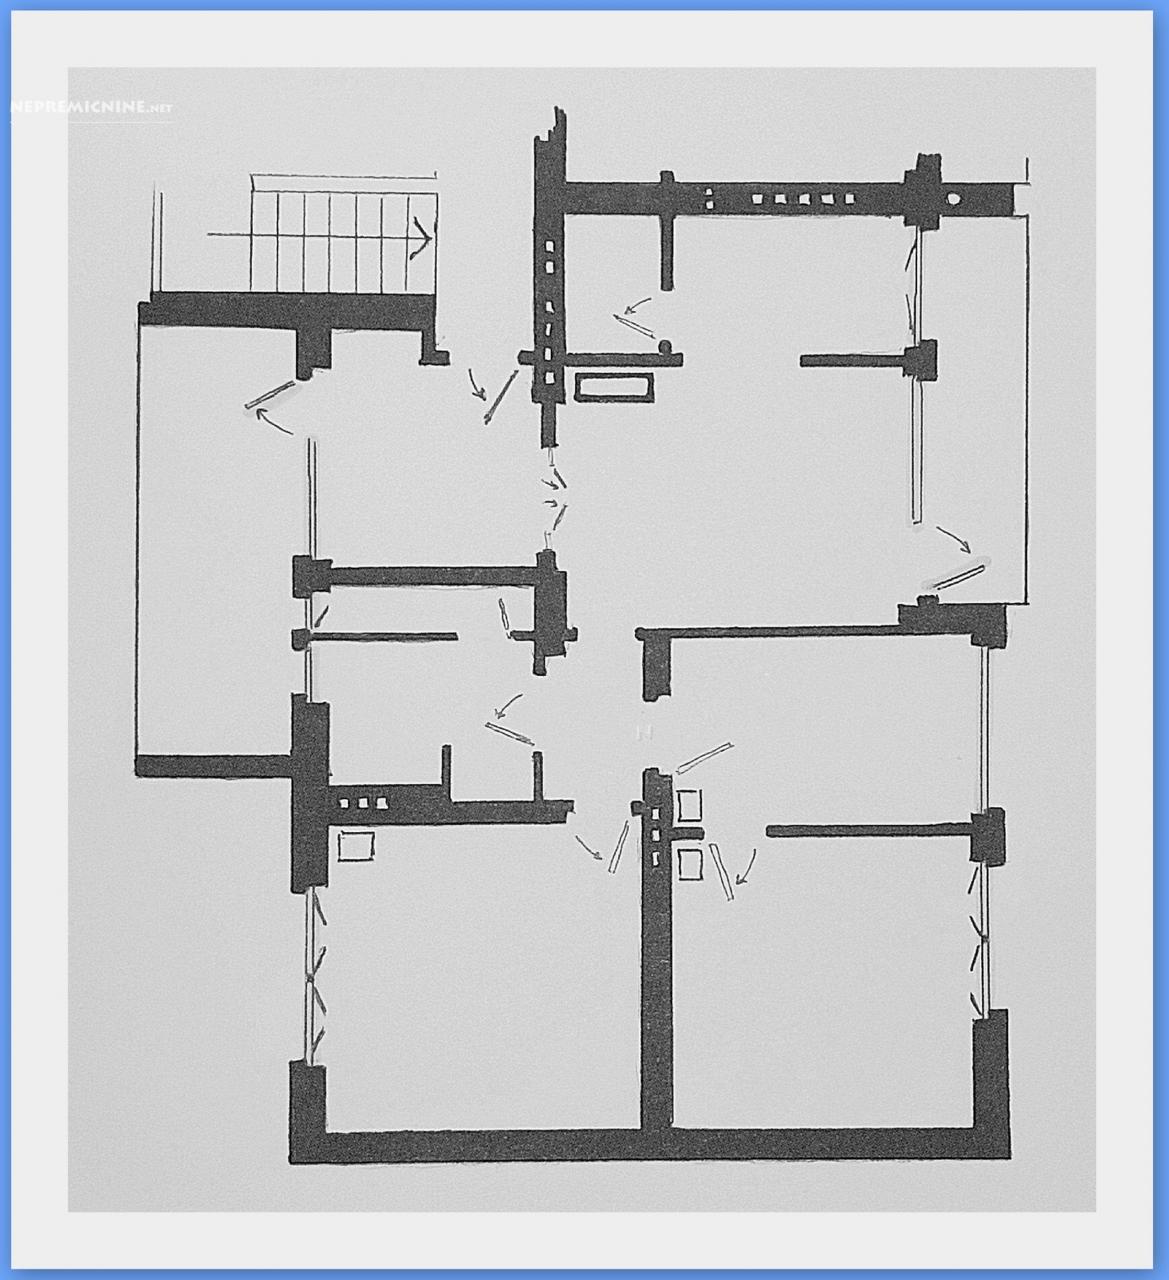 Prodaja, stanovanje - NOVA GORICA 1